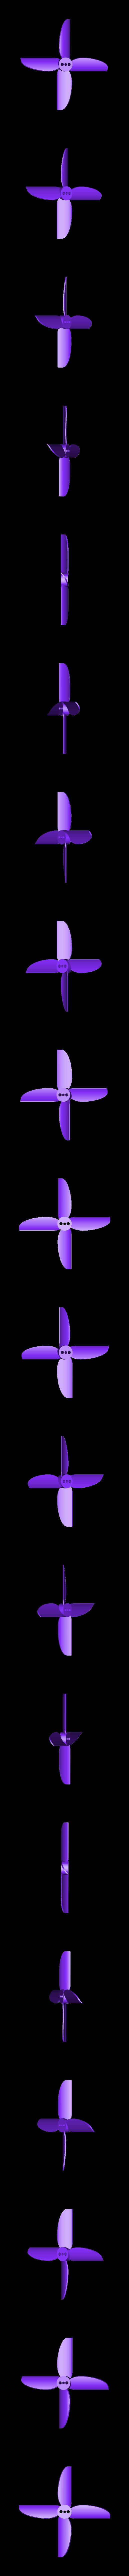 RHR-25_V5_CCW.stl Télécharger fichier STL gratuit RHR-25 Hélice pour quadricoptère de 2,5 po • Modèle pour impression 3D, Gophy